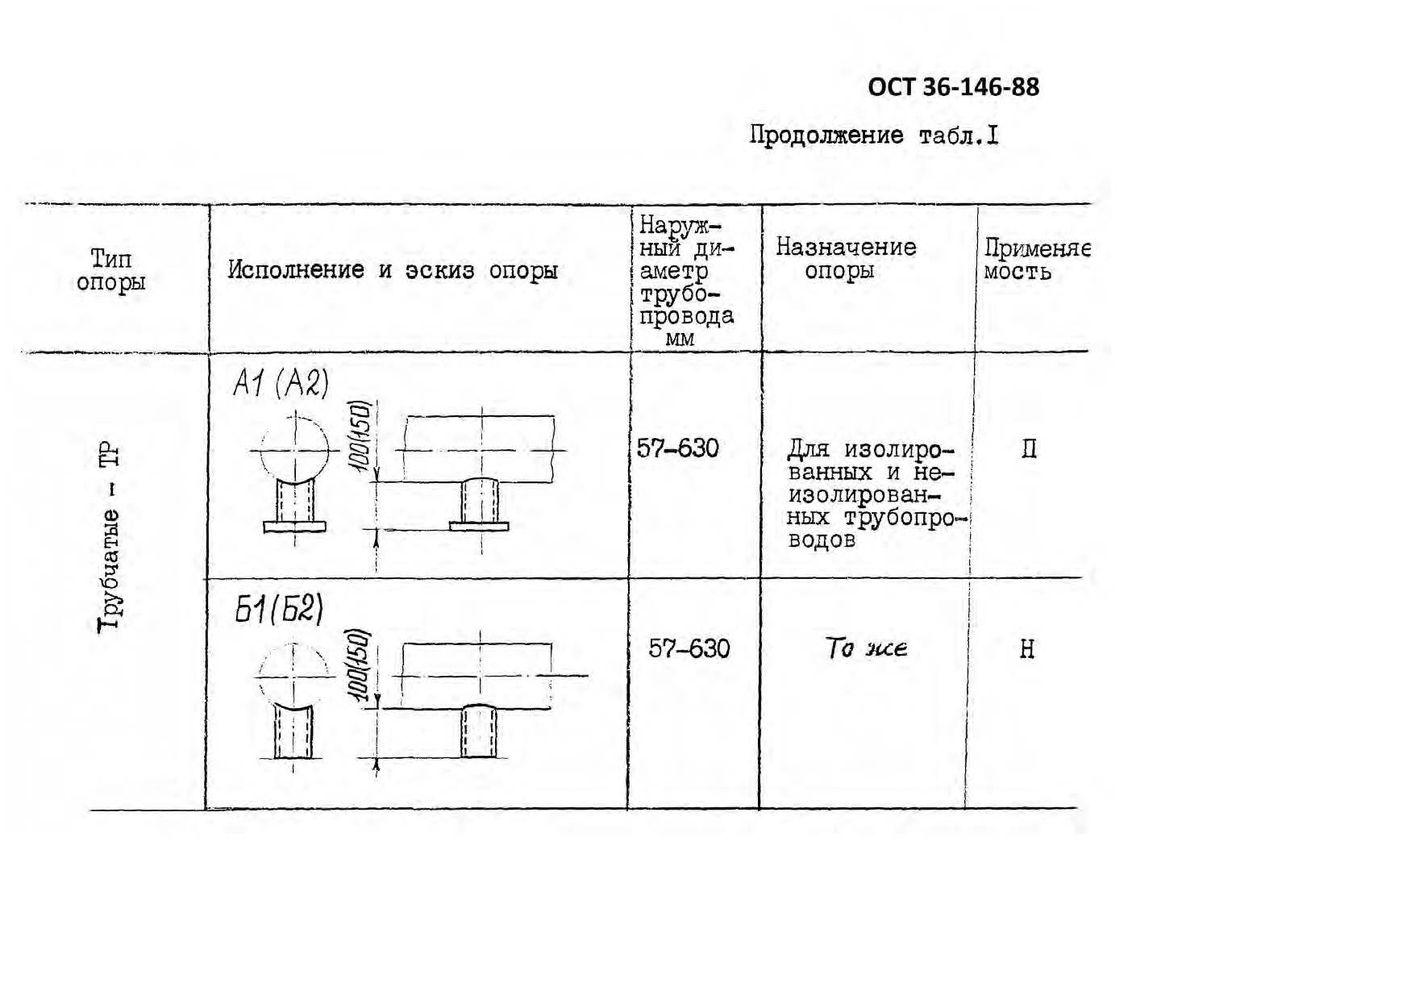 Опоры ТР ОСТ 36-146-88 стр.1